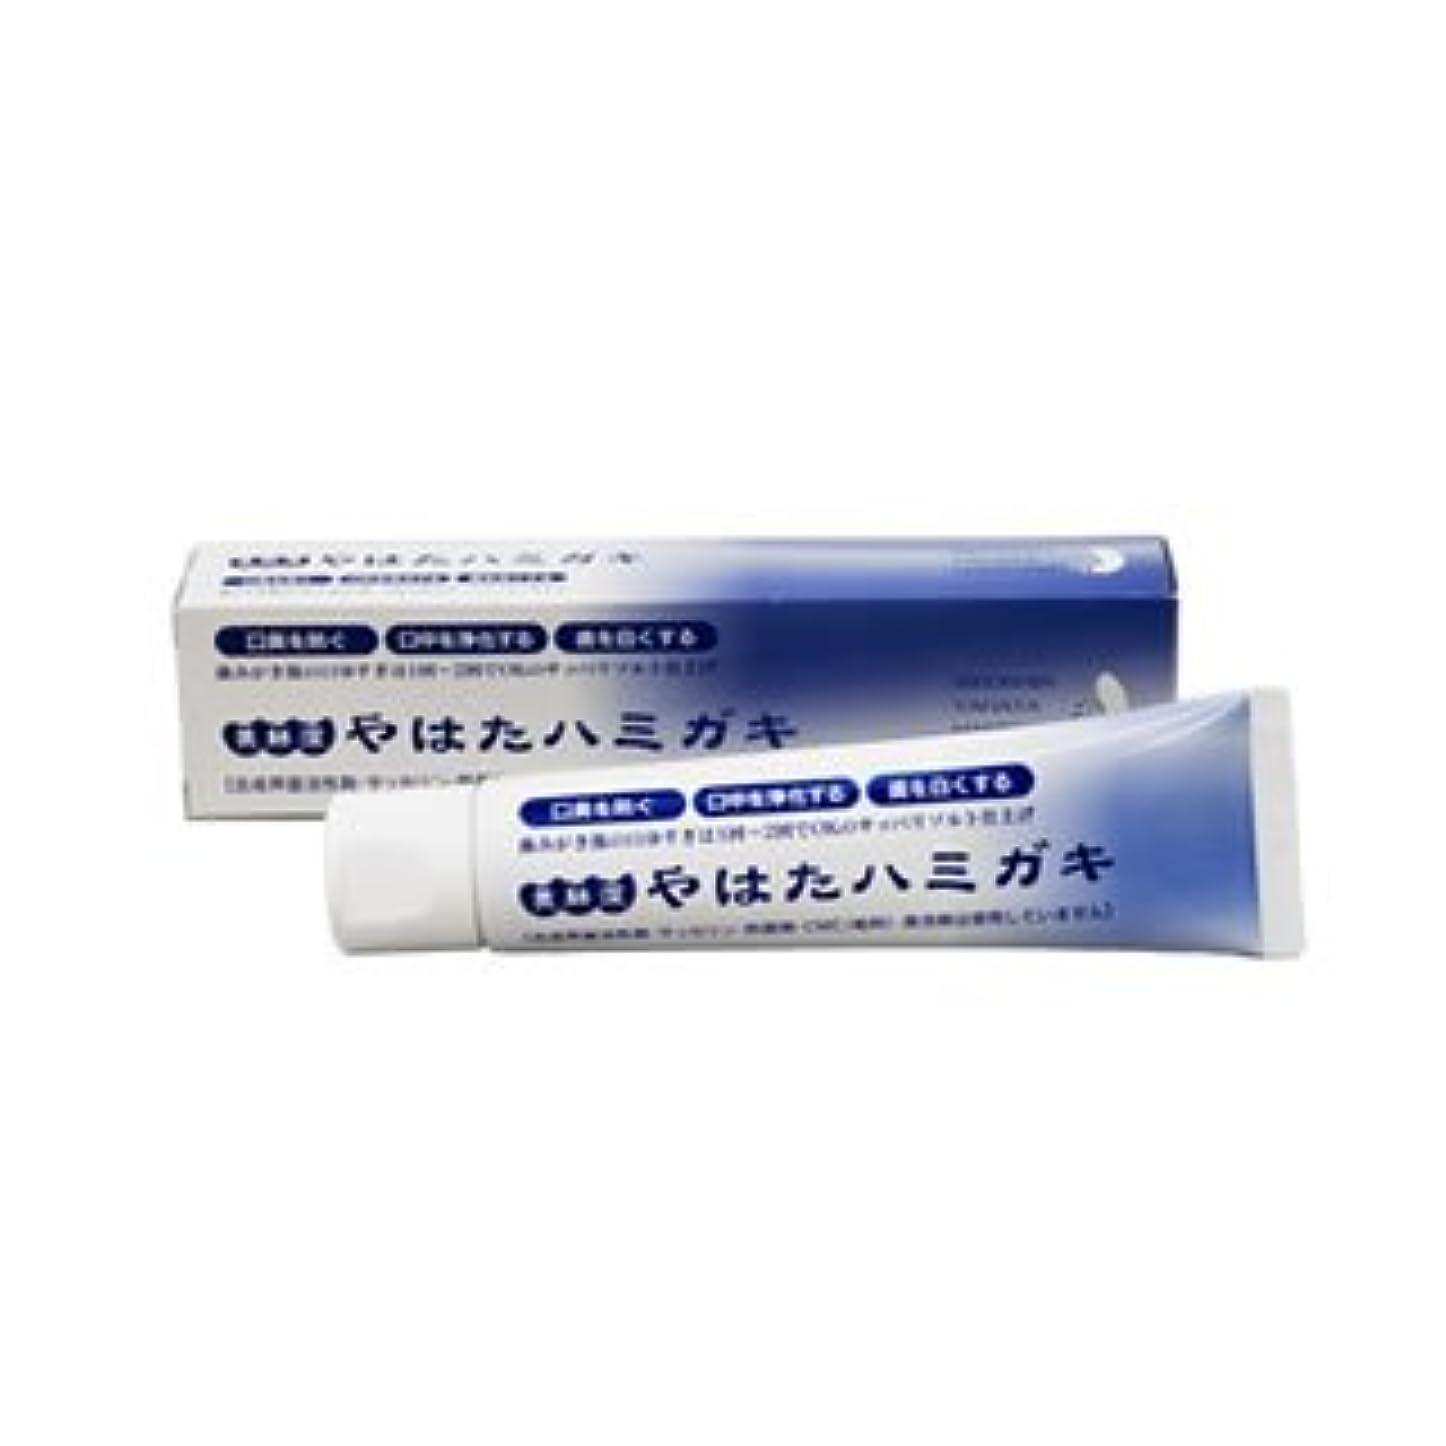 衝突コース大学もっと少なく無添加 歯磨き粉 やはたハミガキ 120g